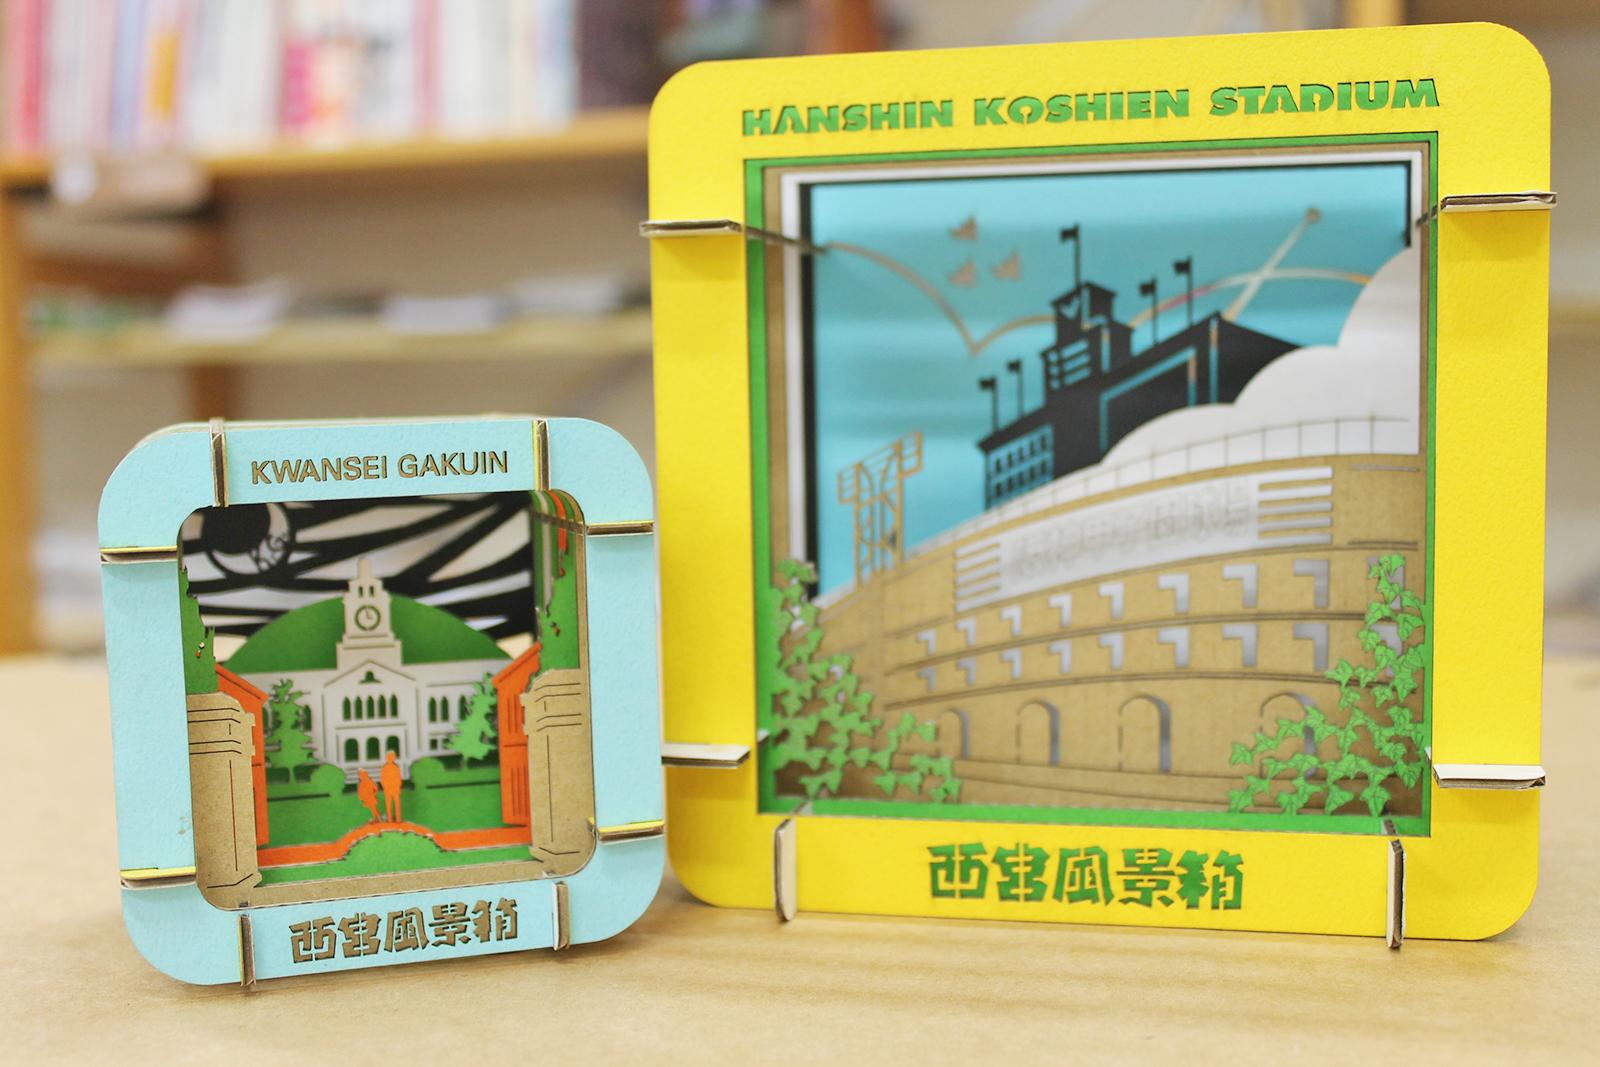 商品開発として最初に取り組んだ西宮の風景をクラフト製品にした「西宮風景箱」。